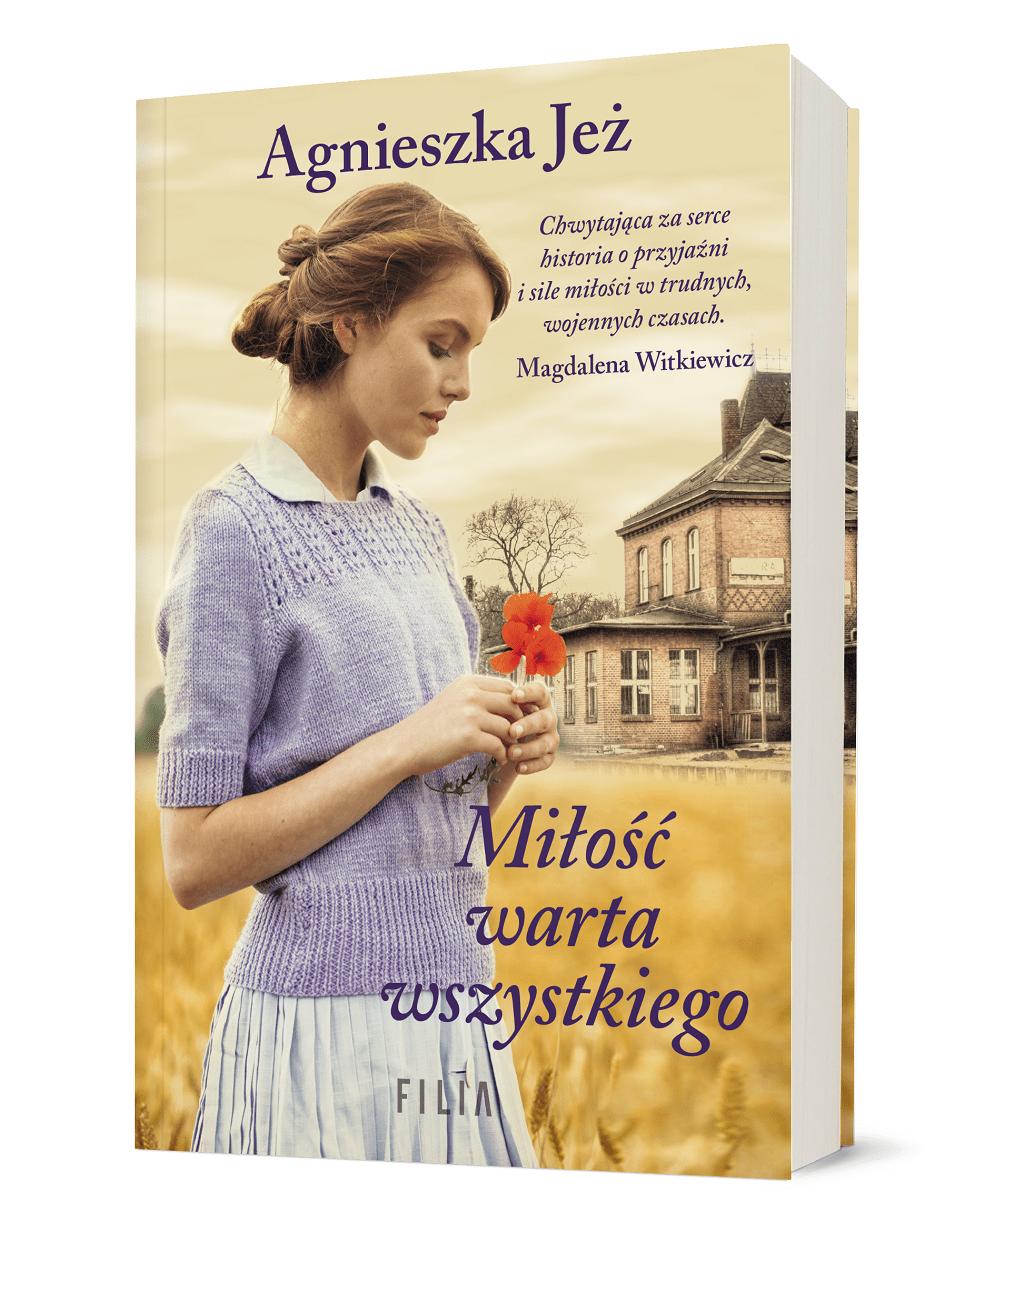 Agnieszka Jeż – Miłość warta wszystkiego